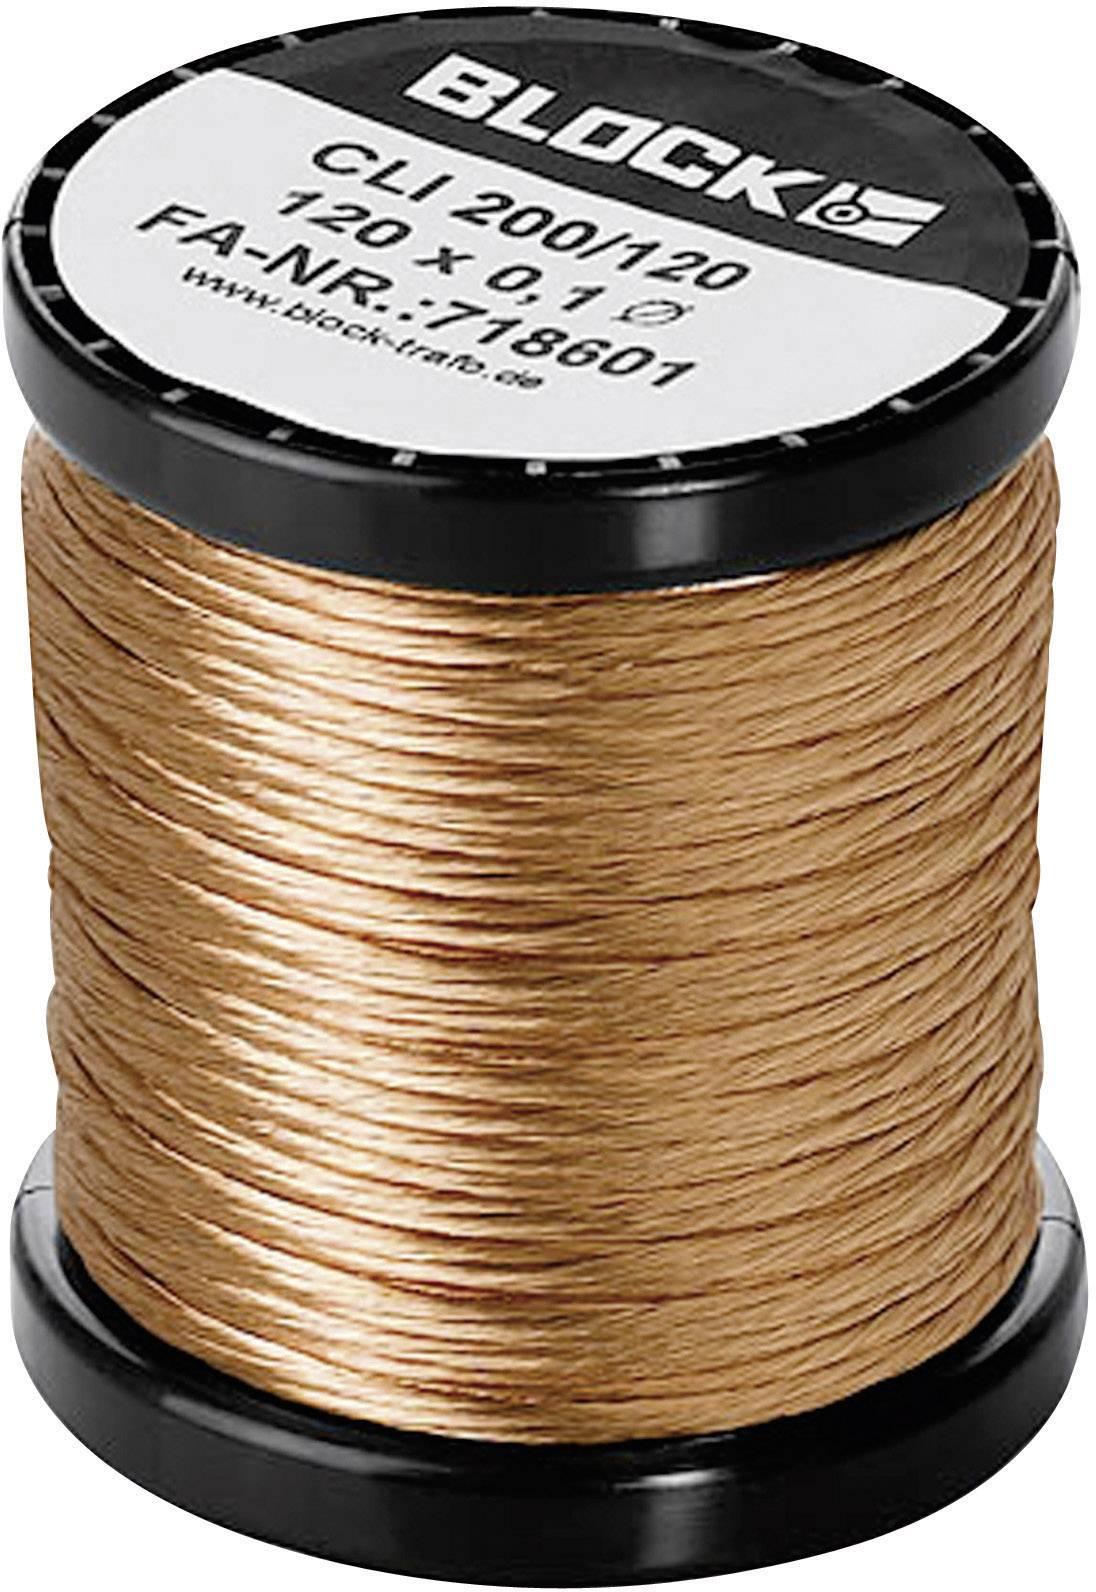 Medený drôt smaltovaný lakom Block CLI 200/15, vonkajší Ø 0.10 mm, 1 balení